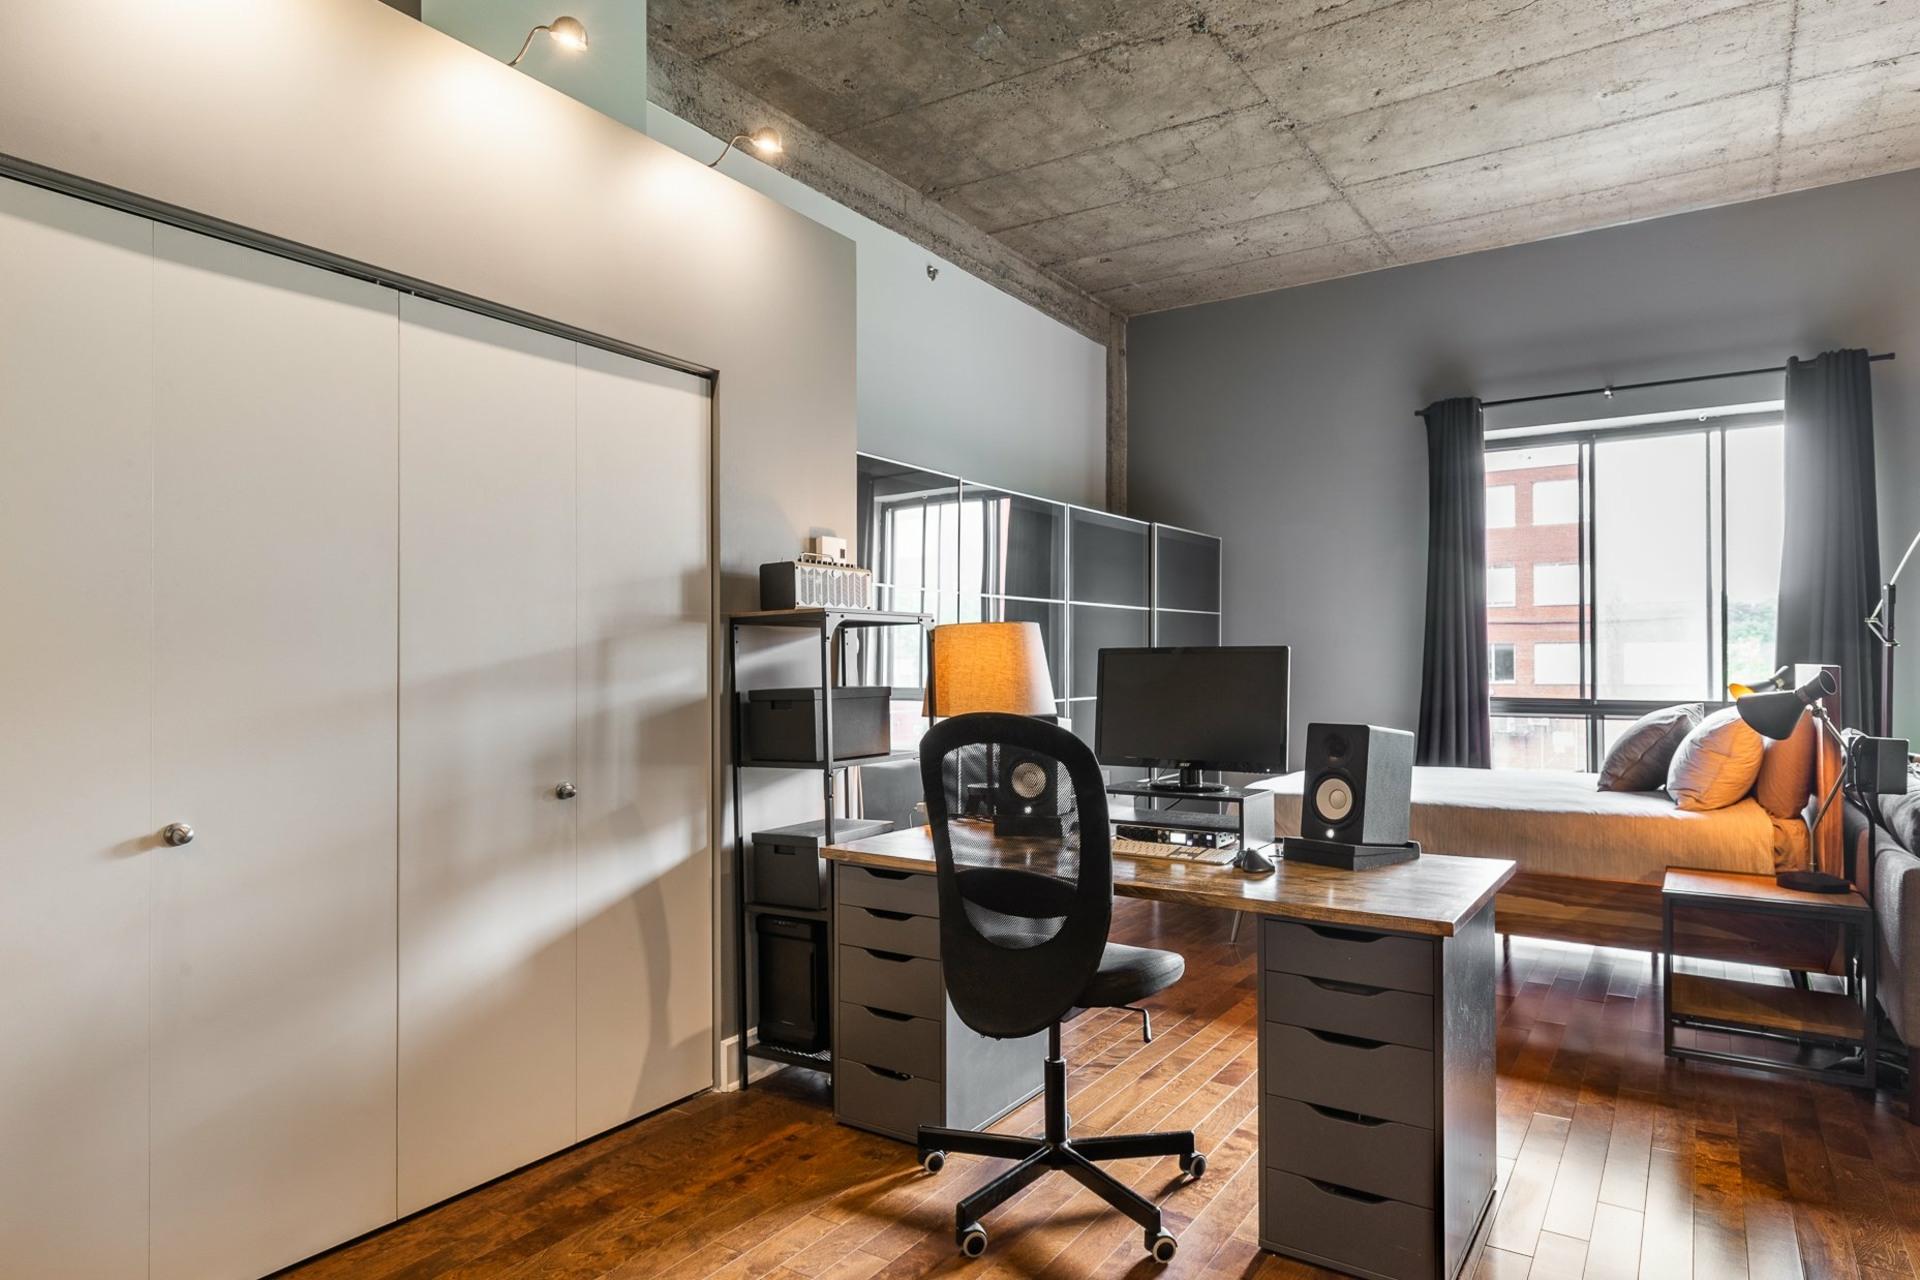 image 4 - Appartement À vendre Villeray/Saint-Michel/Parc-Extension Montréal  - 1 pièce